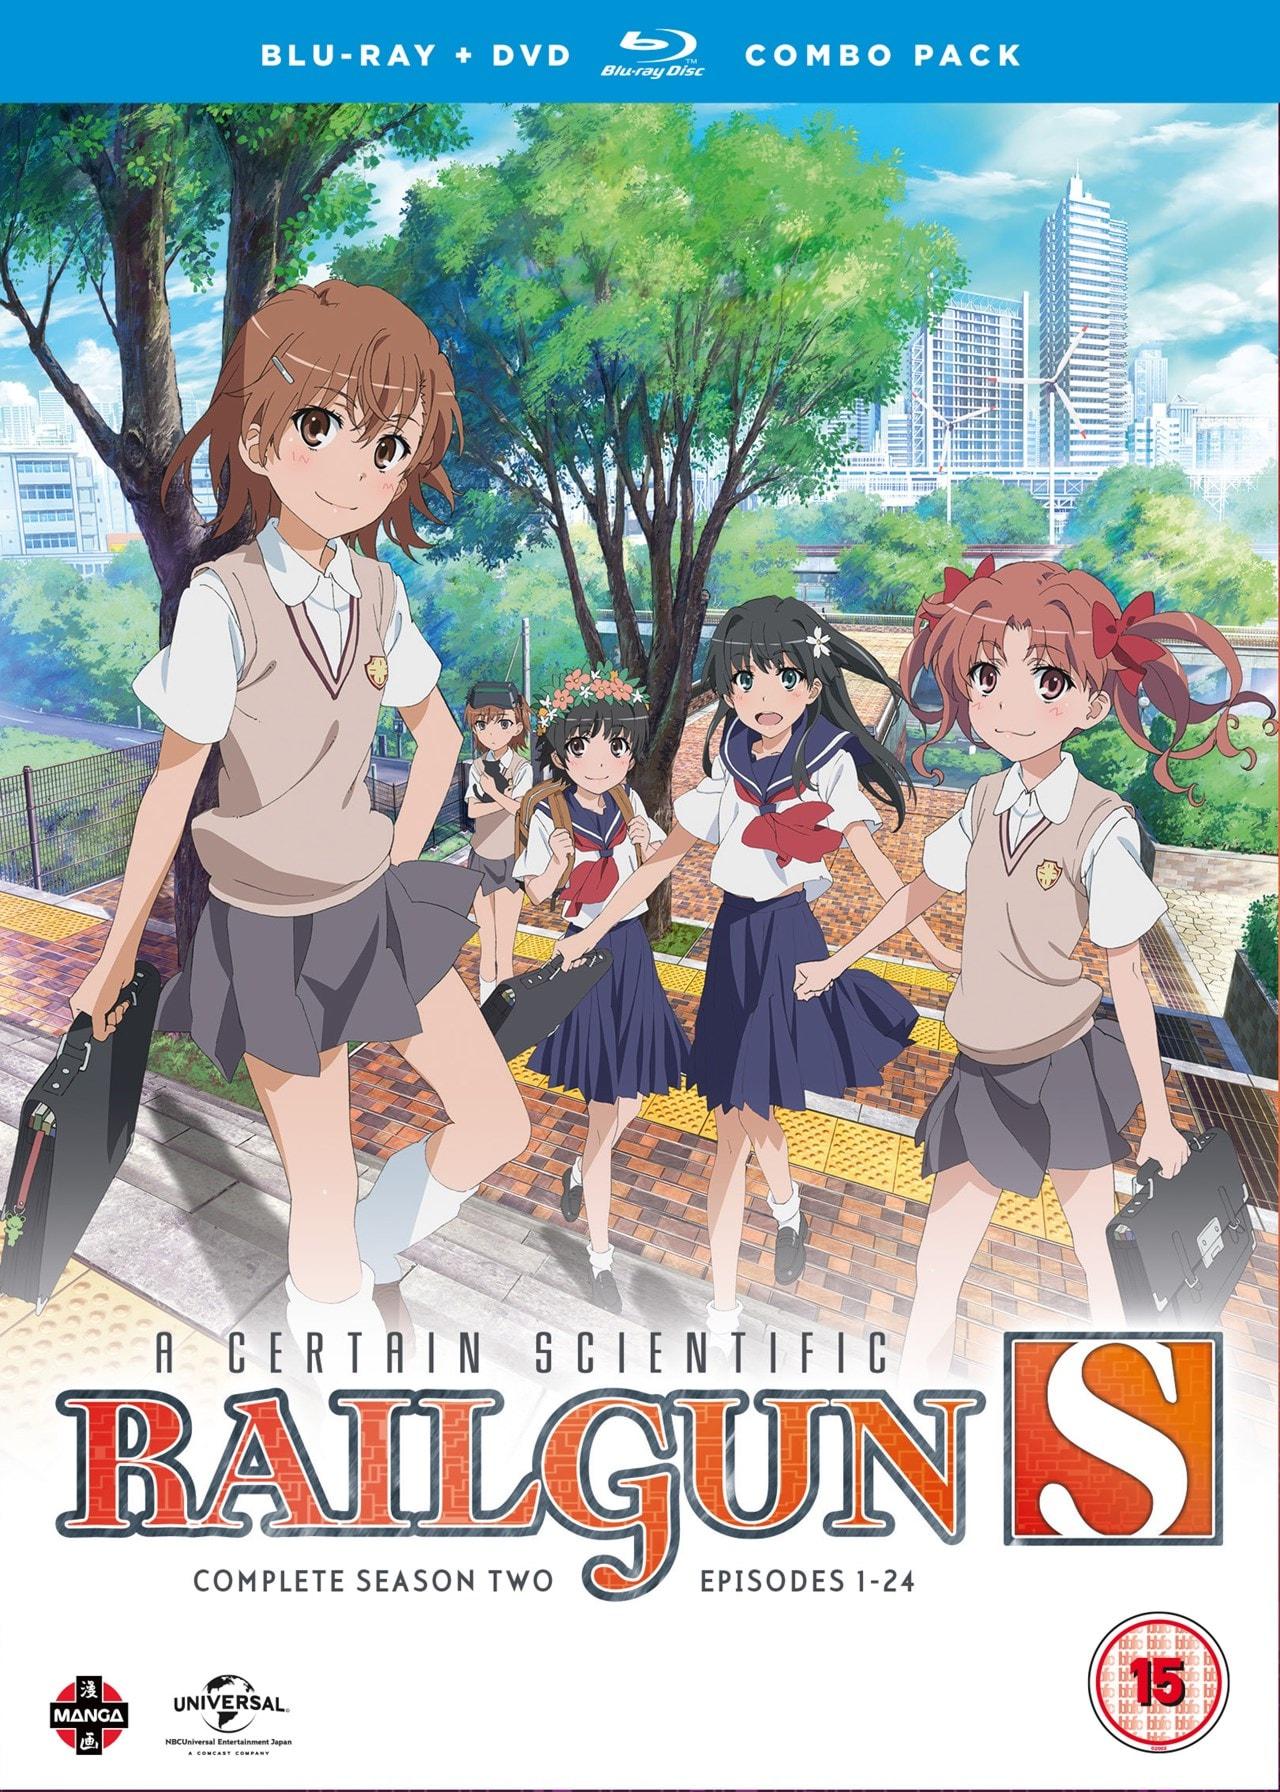 A Certain Scientific Railgun S: Complete Season 2 - 1